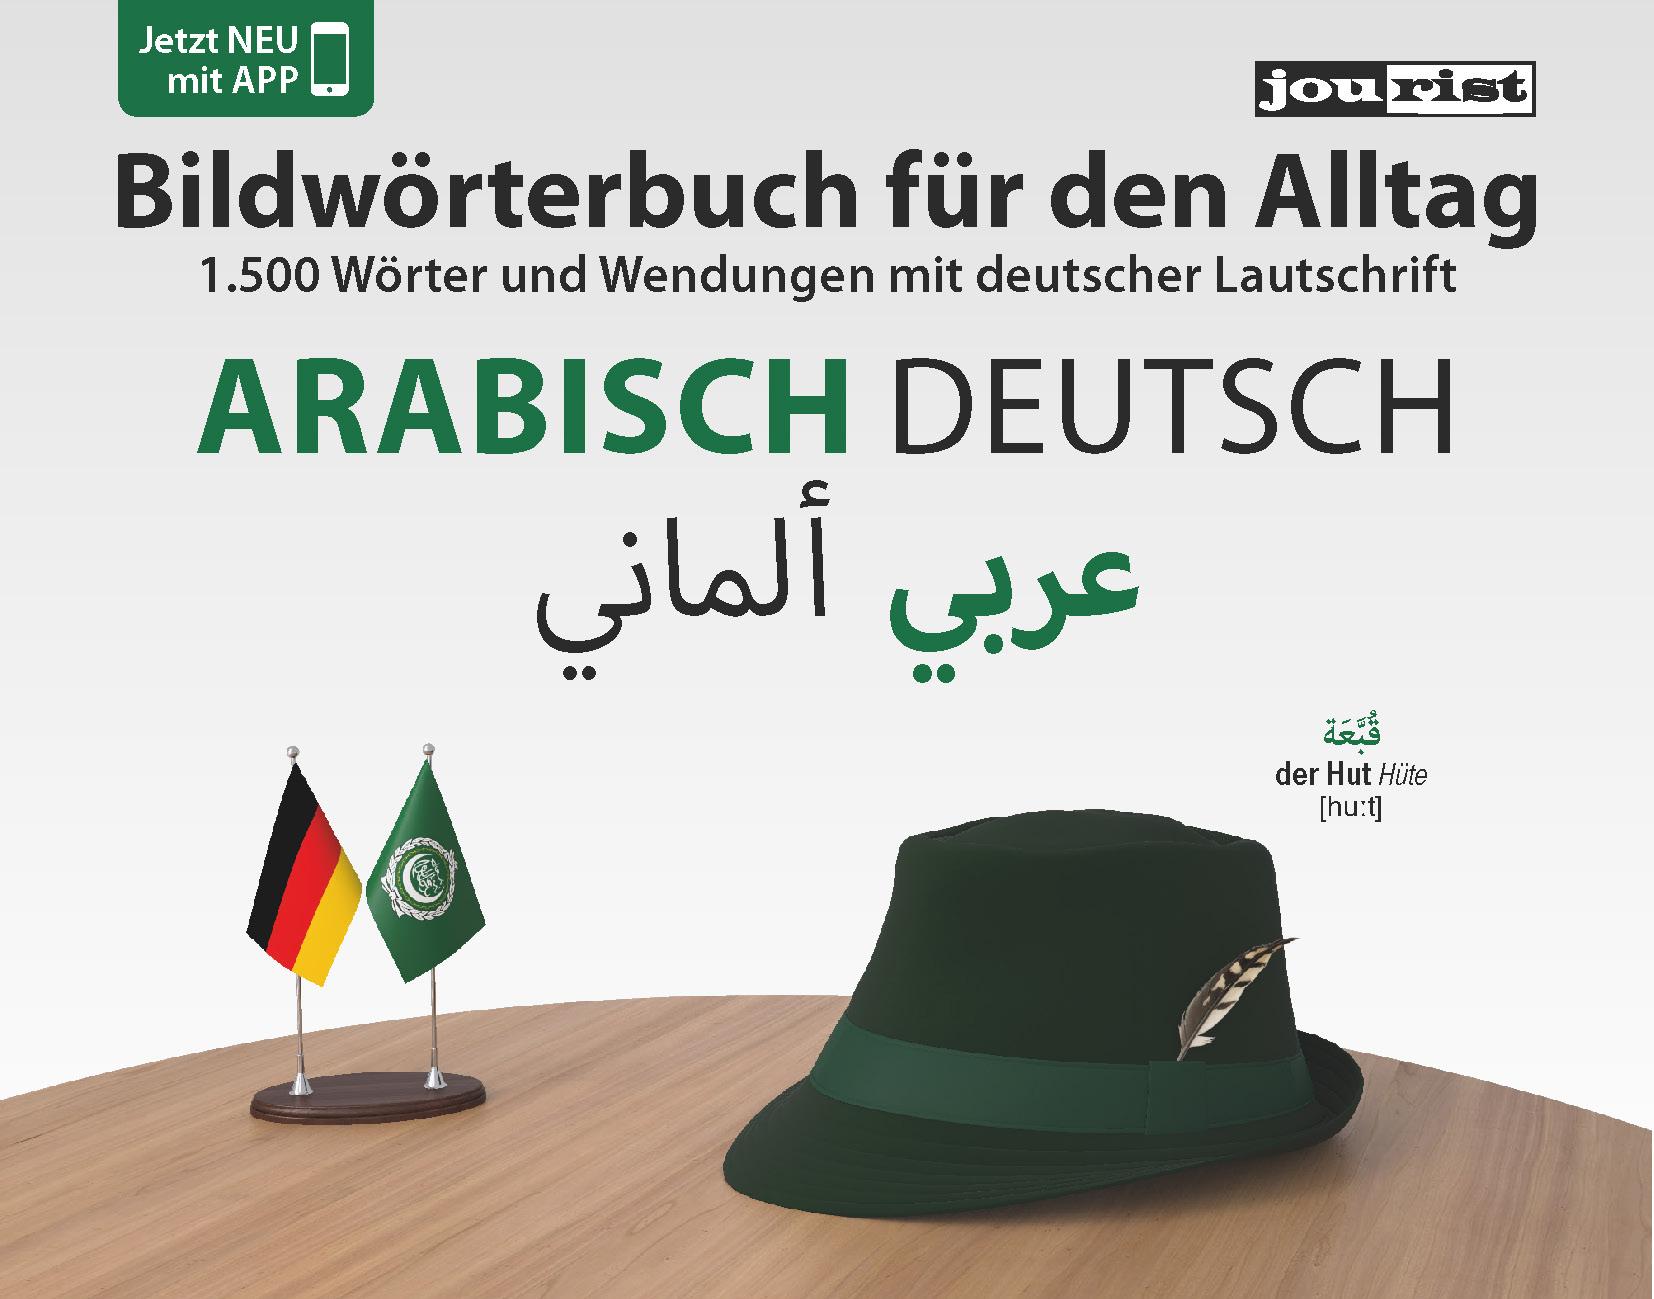 Bildwörterbuch für den Alltag Arabisch-Deutsch, Igor Jourist